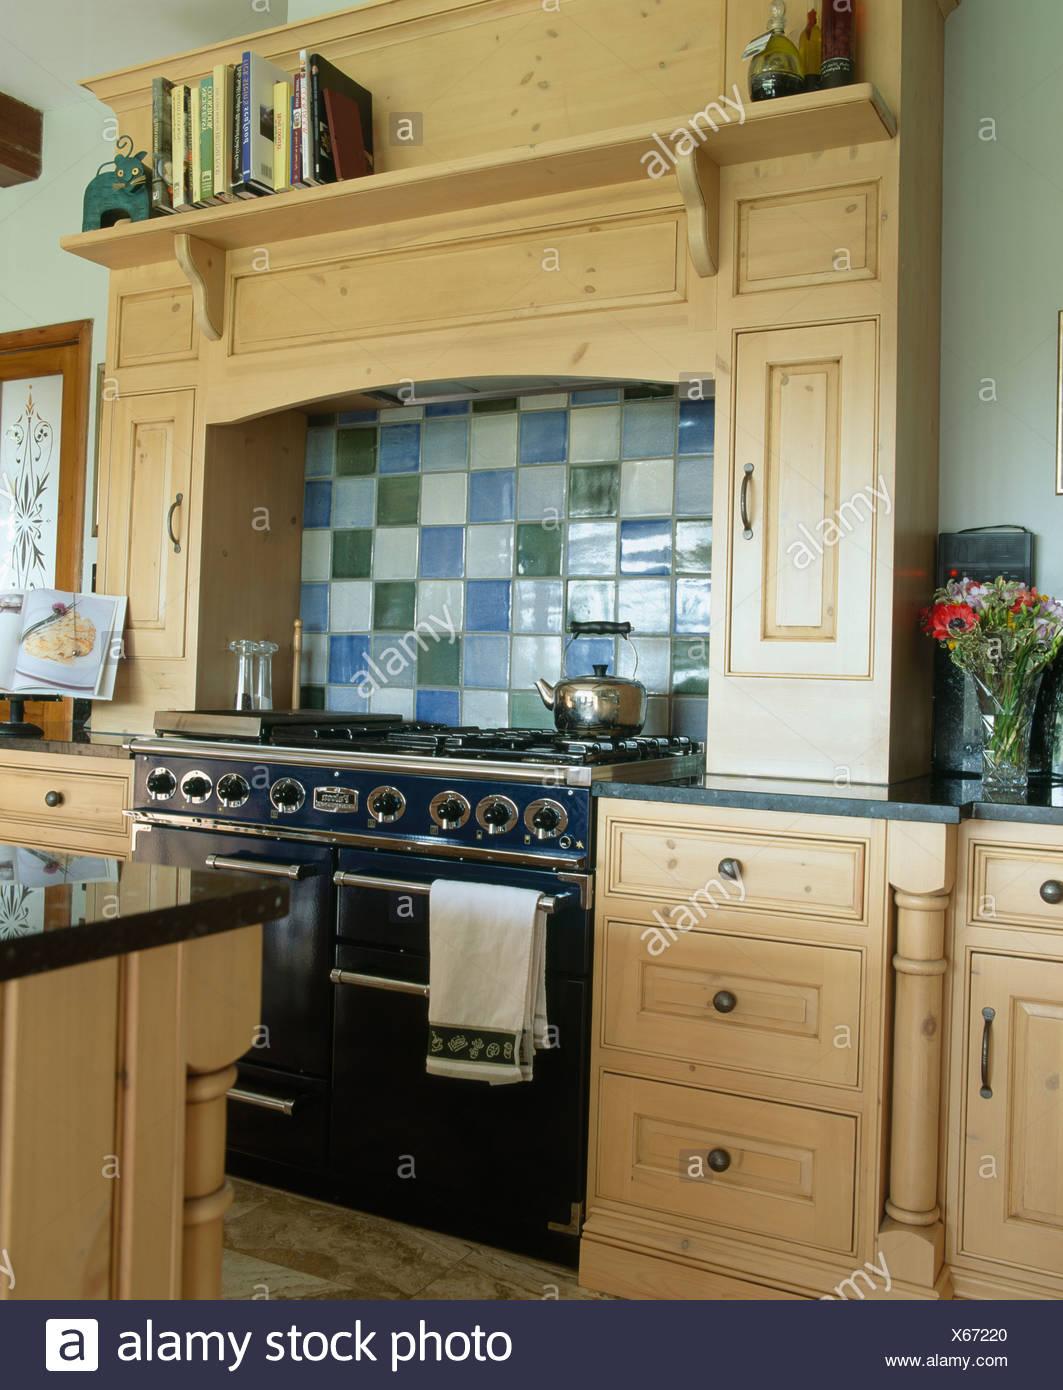 Full Size of Landhausküche Grün Blau Weisse Grau Gebraucht Sofa Moderne Regal Grünes Küche Mintgrün Weiß Wohnzimmer Landhausküche Grün